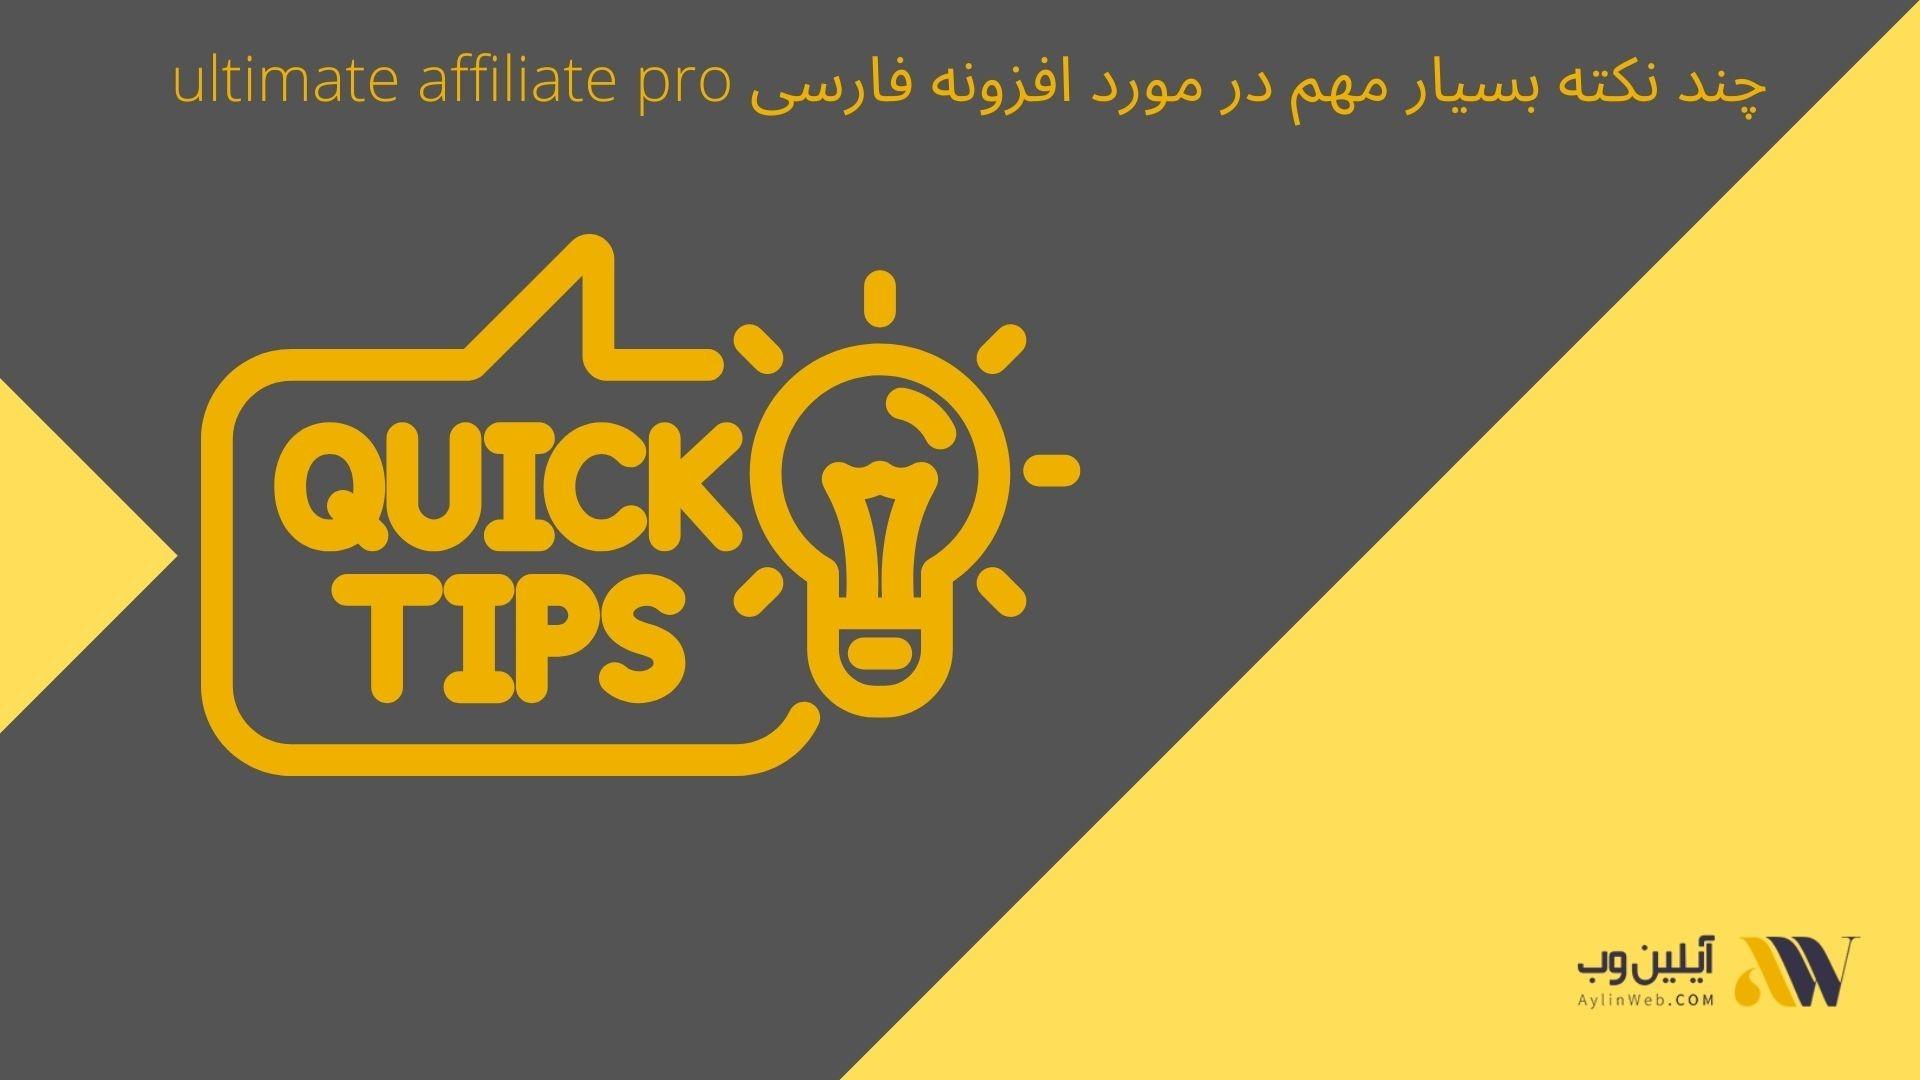 چند نکته بسیار مهم در مورد افزونه فارسی ultimate affiliate pro